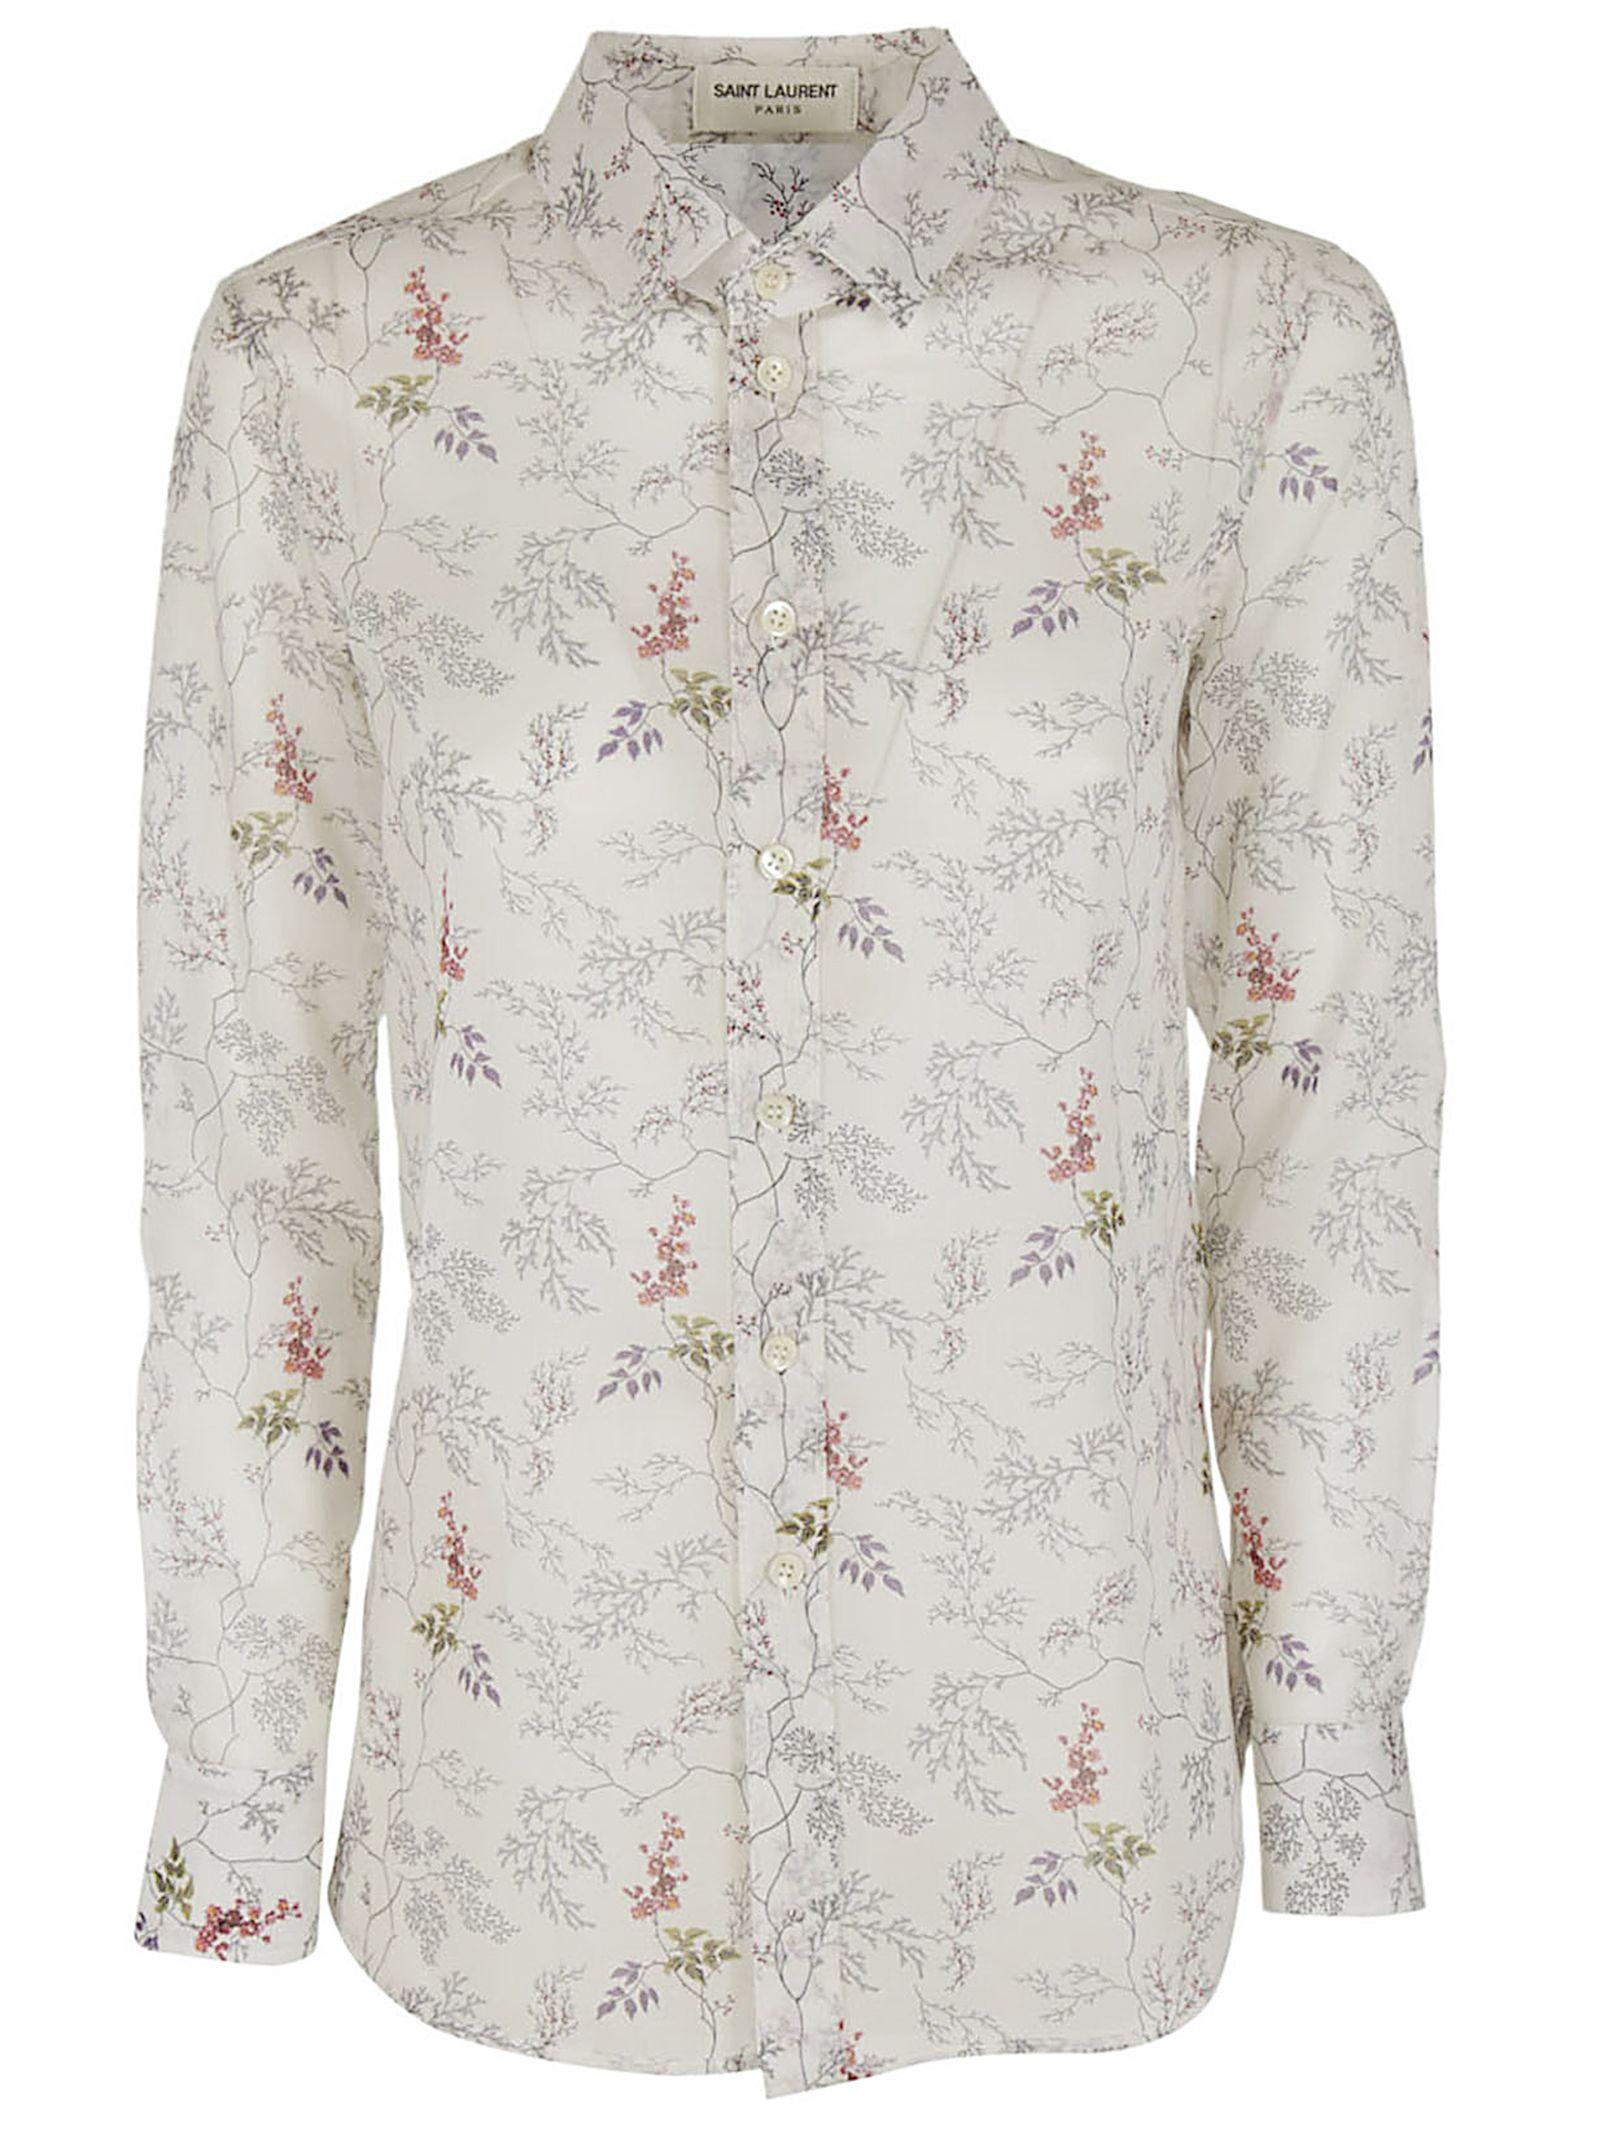 Saint Laurent Floral Shirt